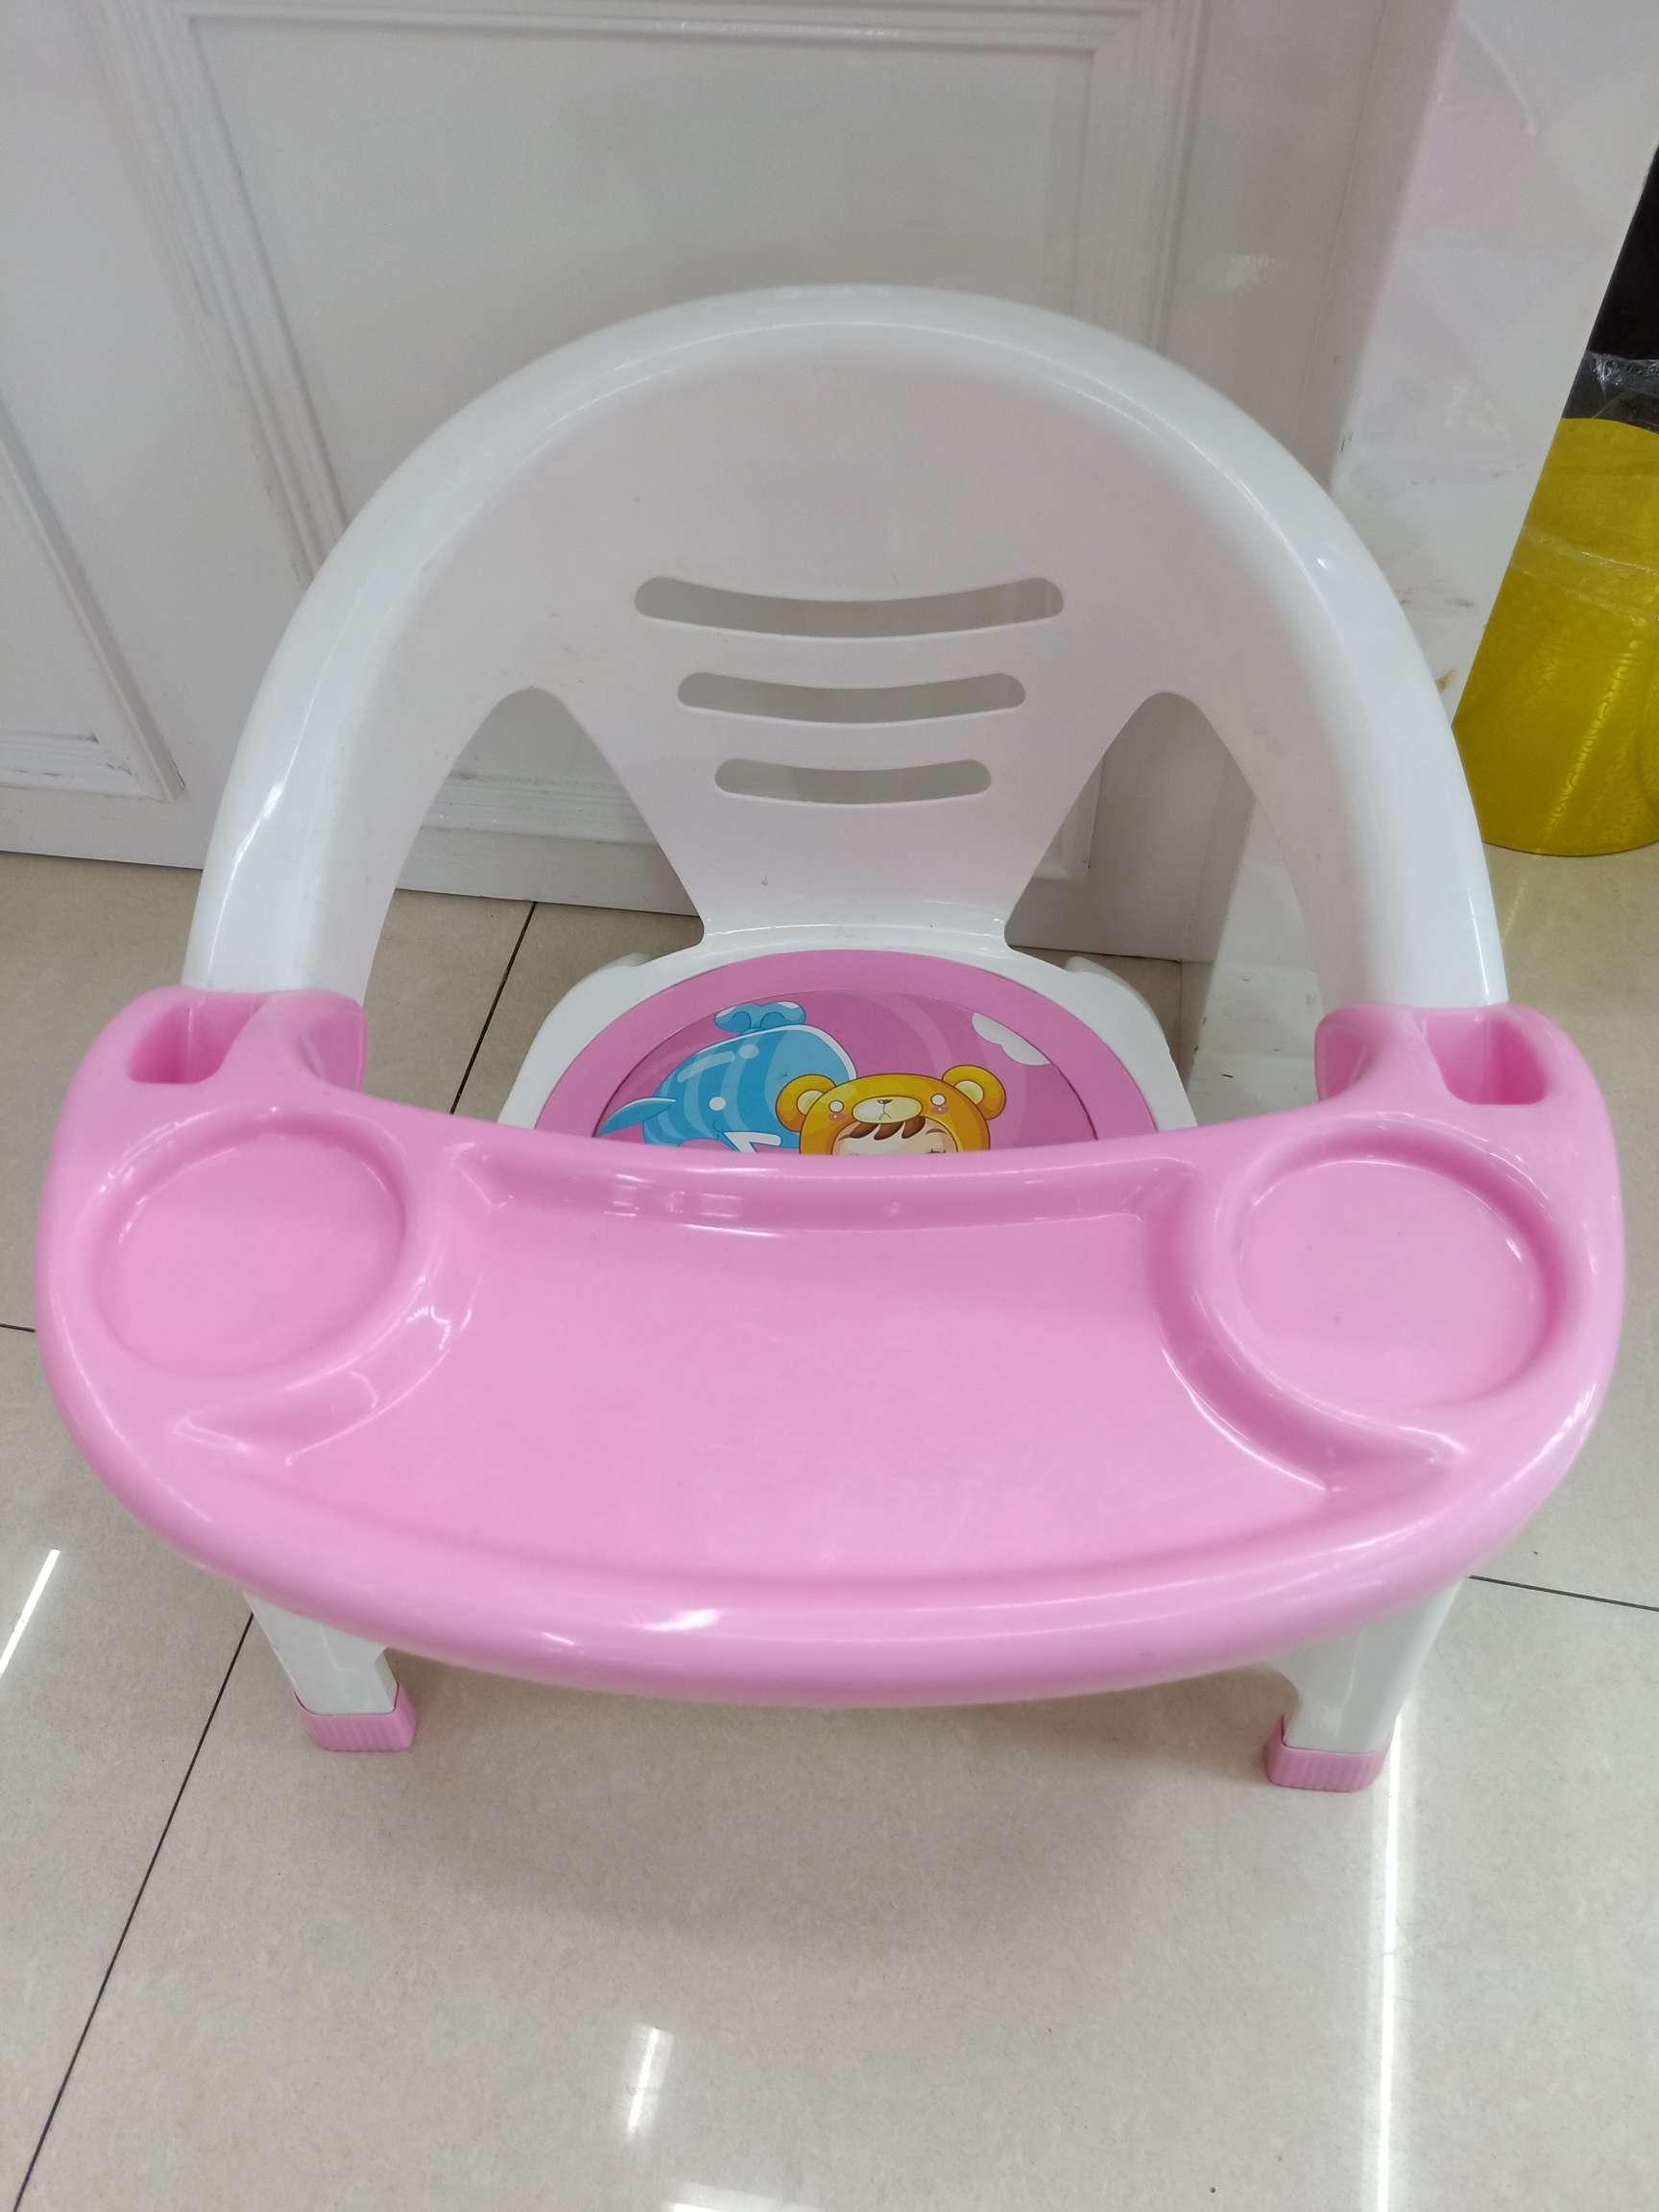 儿童用餐凳,带声控